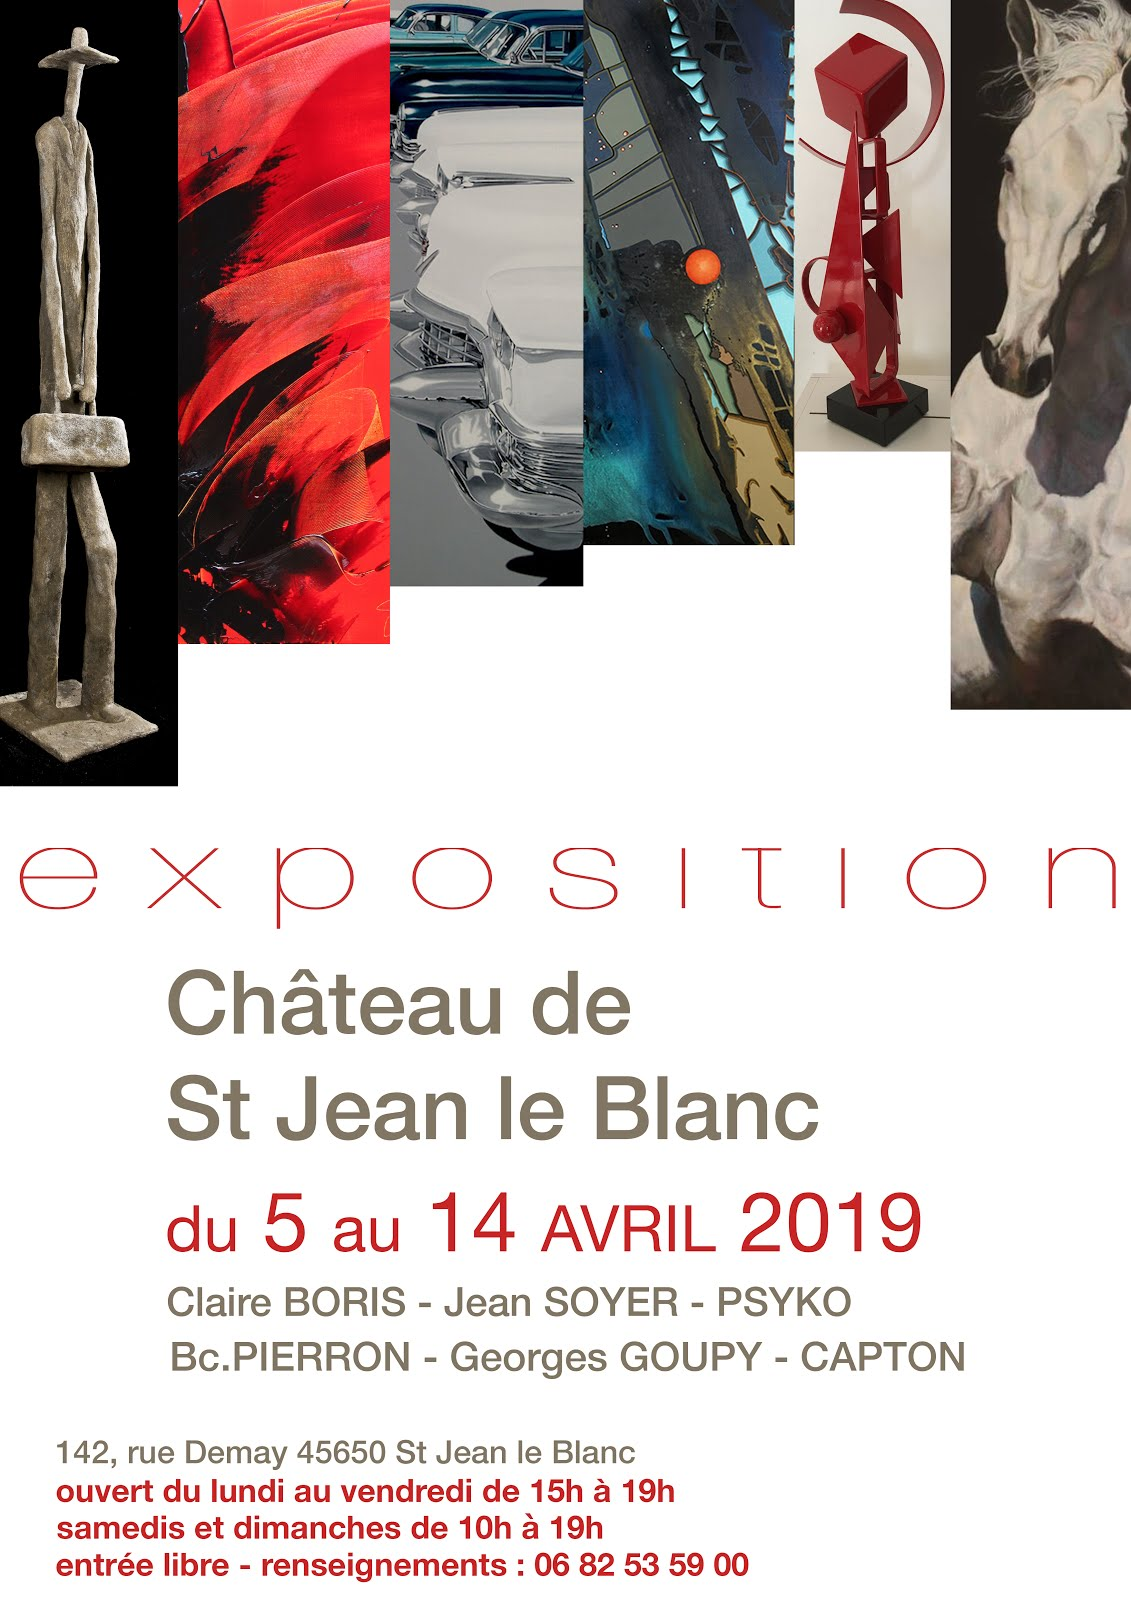 SAINT JEAN LE BLANC (45) : CAPTON, PSYKO, CLAIRE BORIS, SOYER, GOUPY ET BC. PIERRON AU CHATEAU